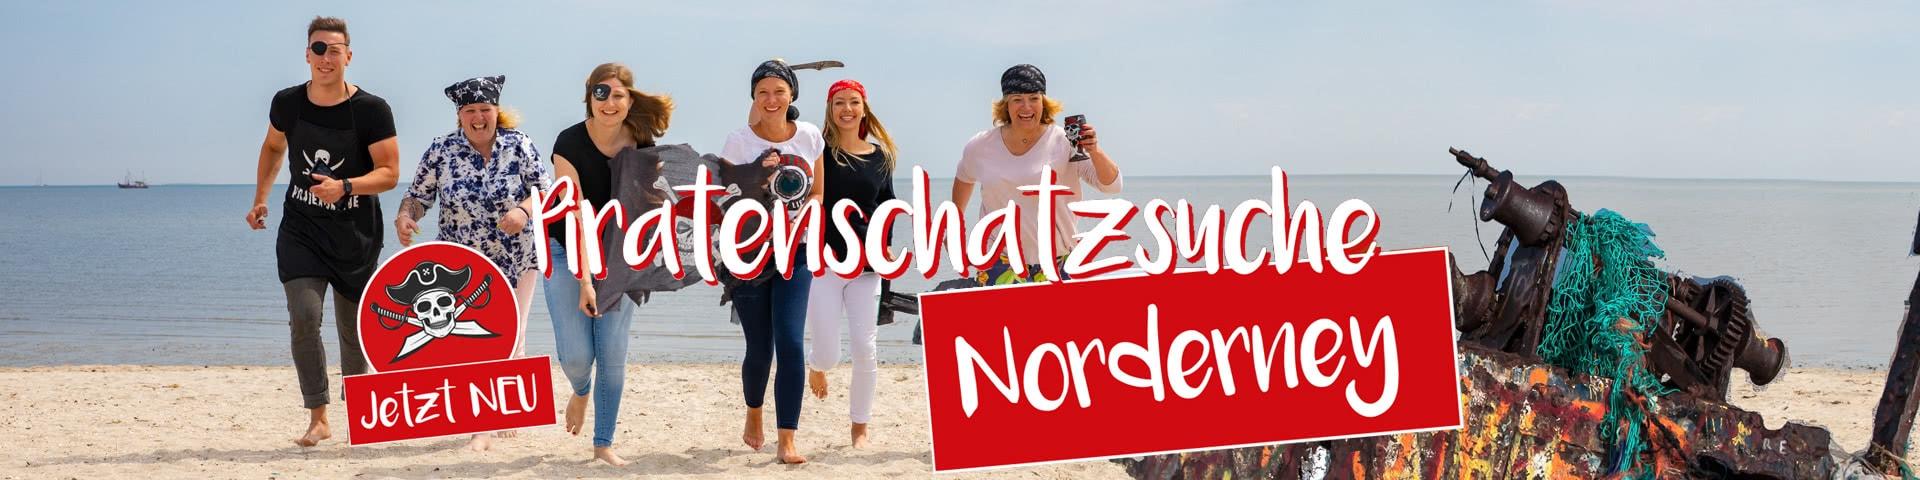 Jetzt neu - Piratenschatzsuche auf Norderney